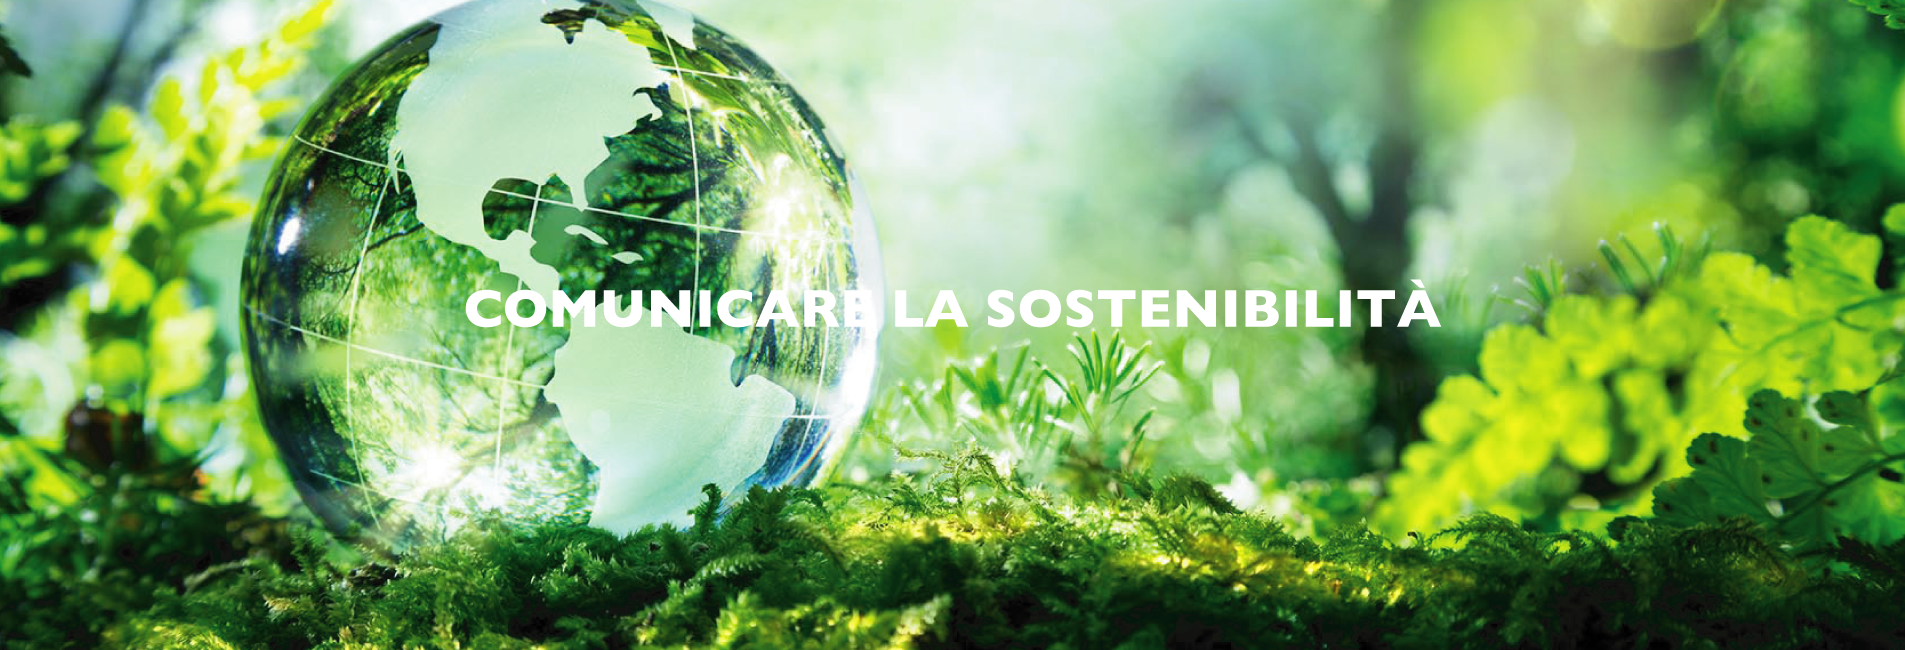 comuniacare-sostenibilita